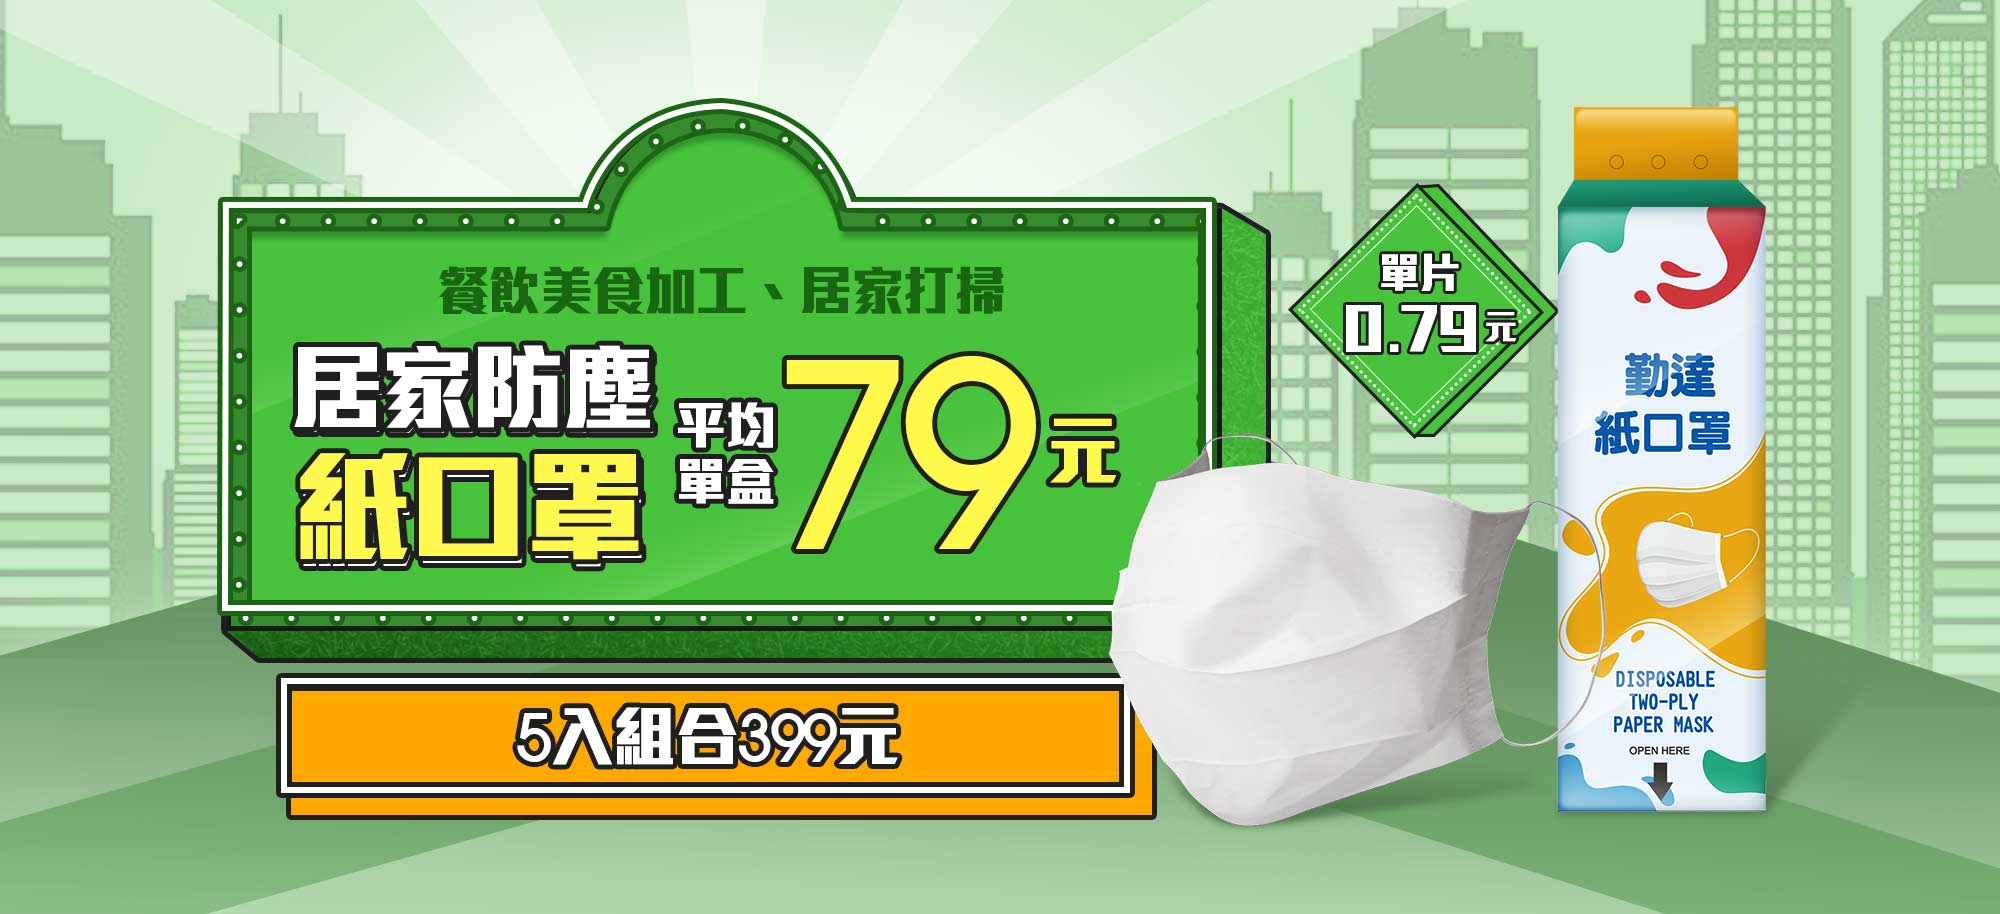 紙口罩特價